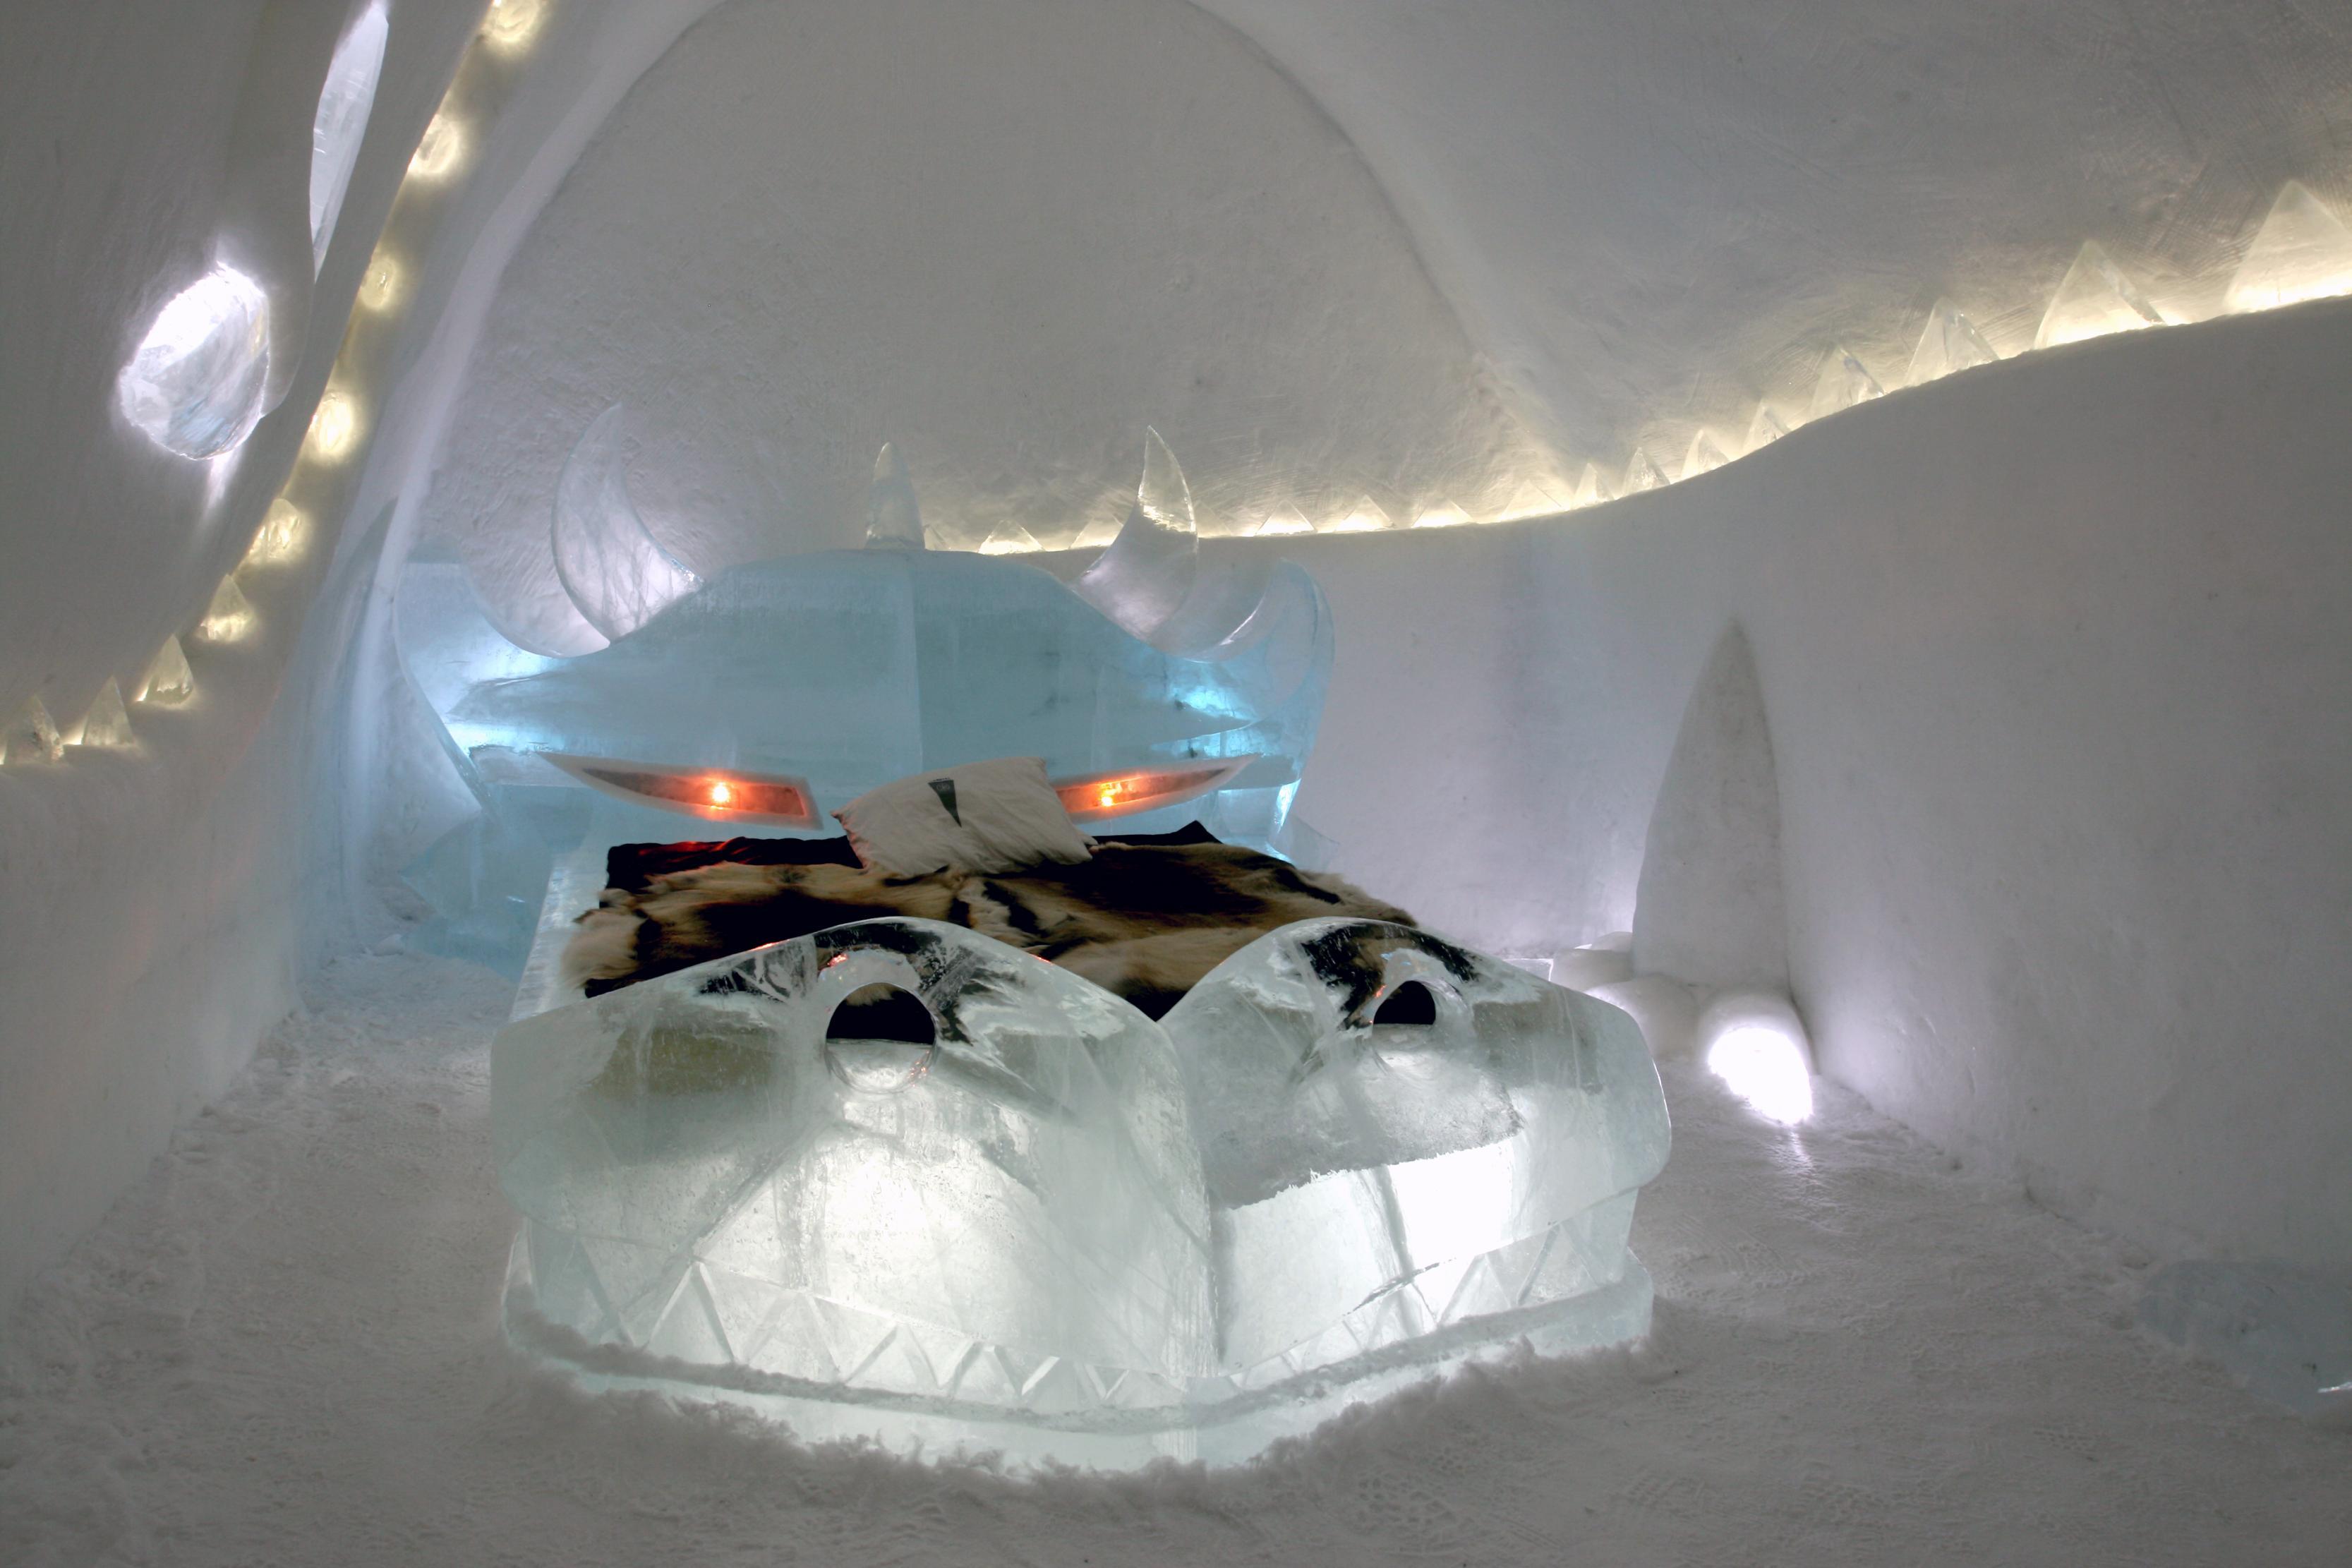 بالصور فندق من الثلج , تجربة فريدة وغريبة 4210 3